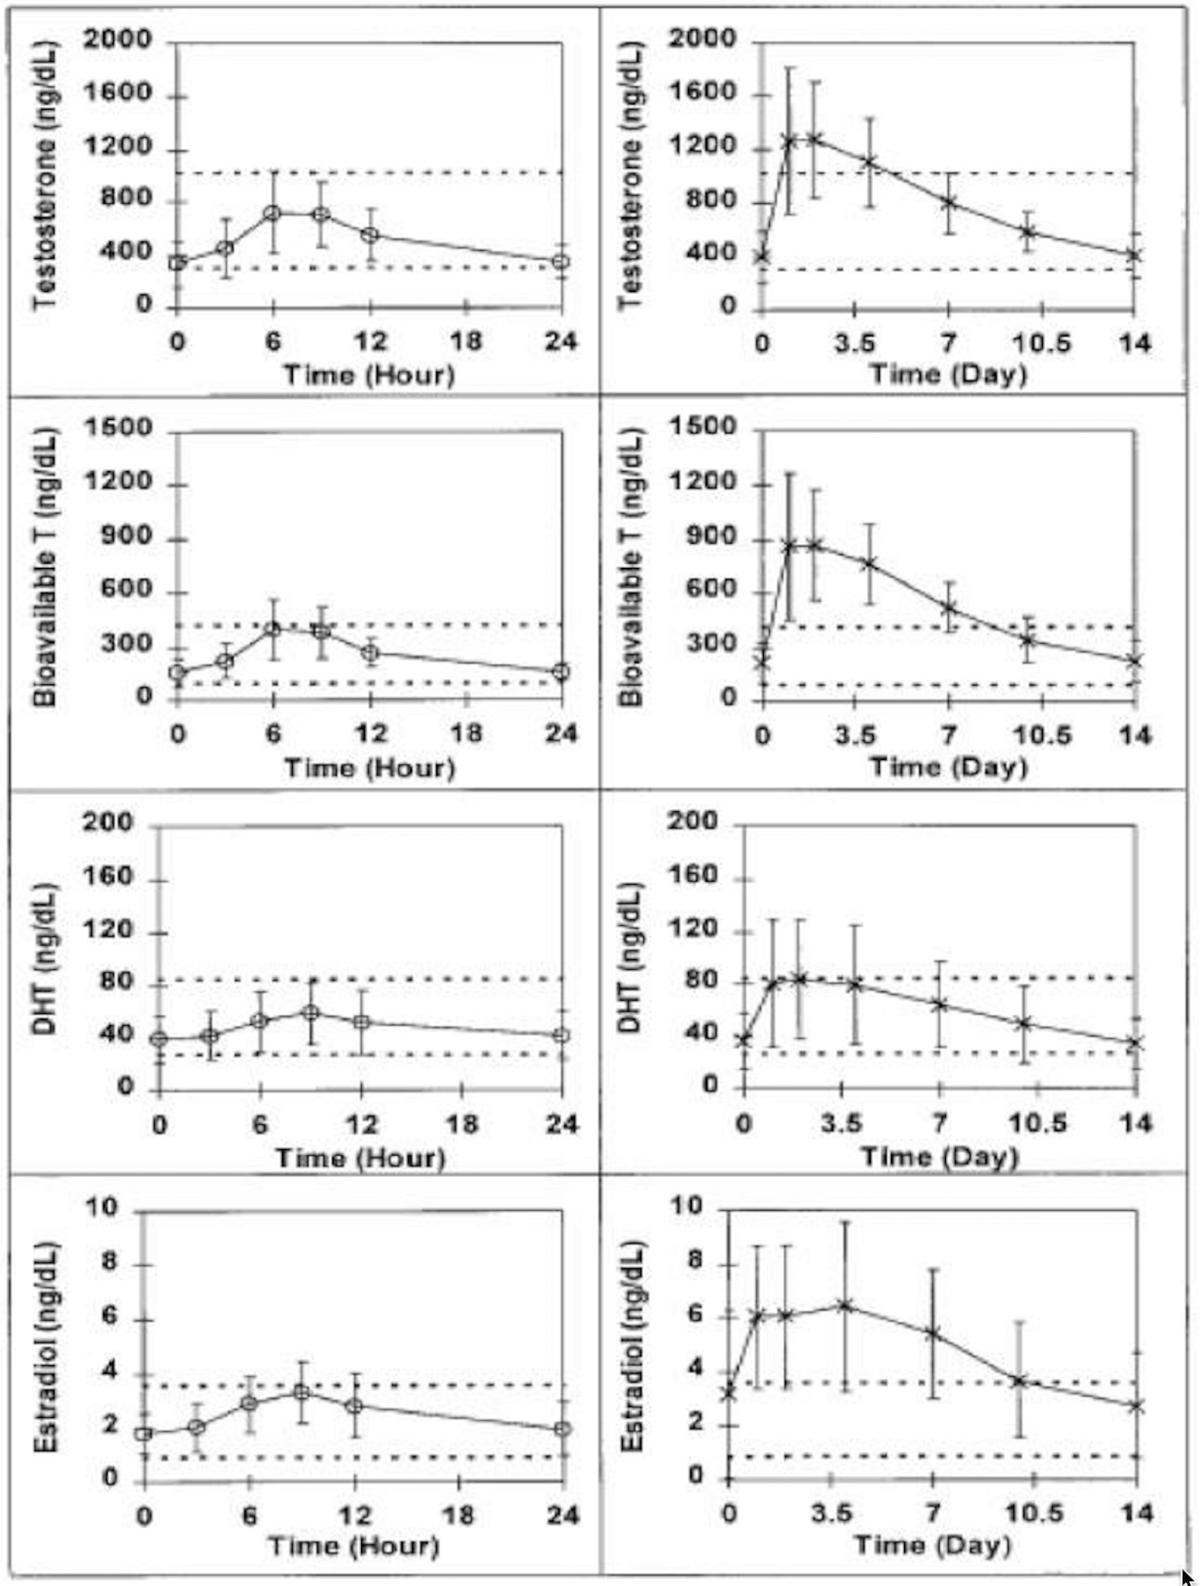 Microdosing vs Bolus Dosing TRT Graph Comparison